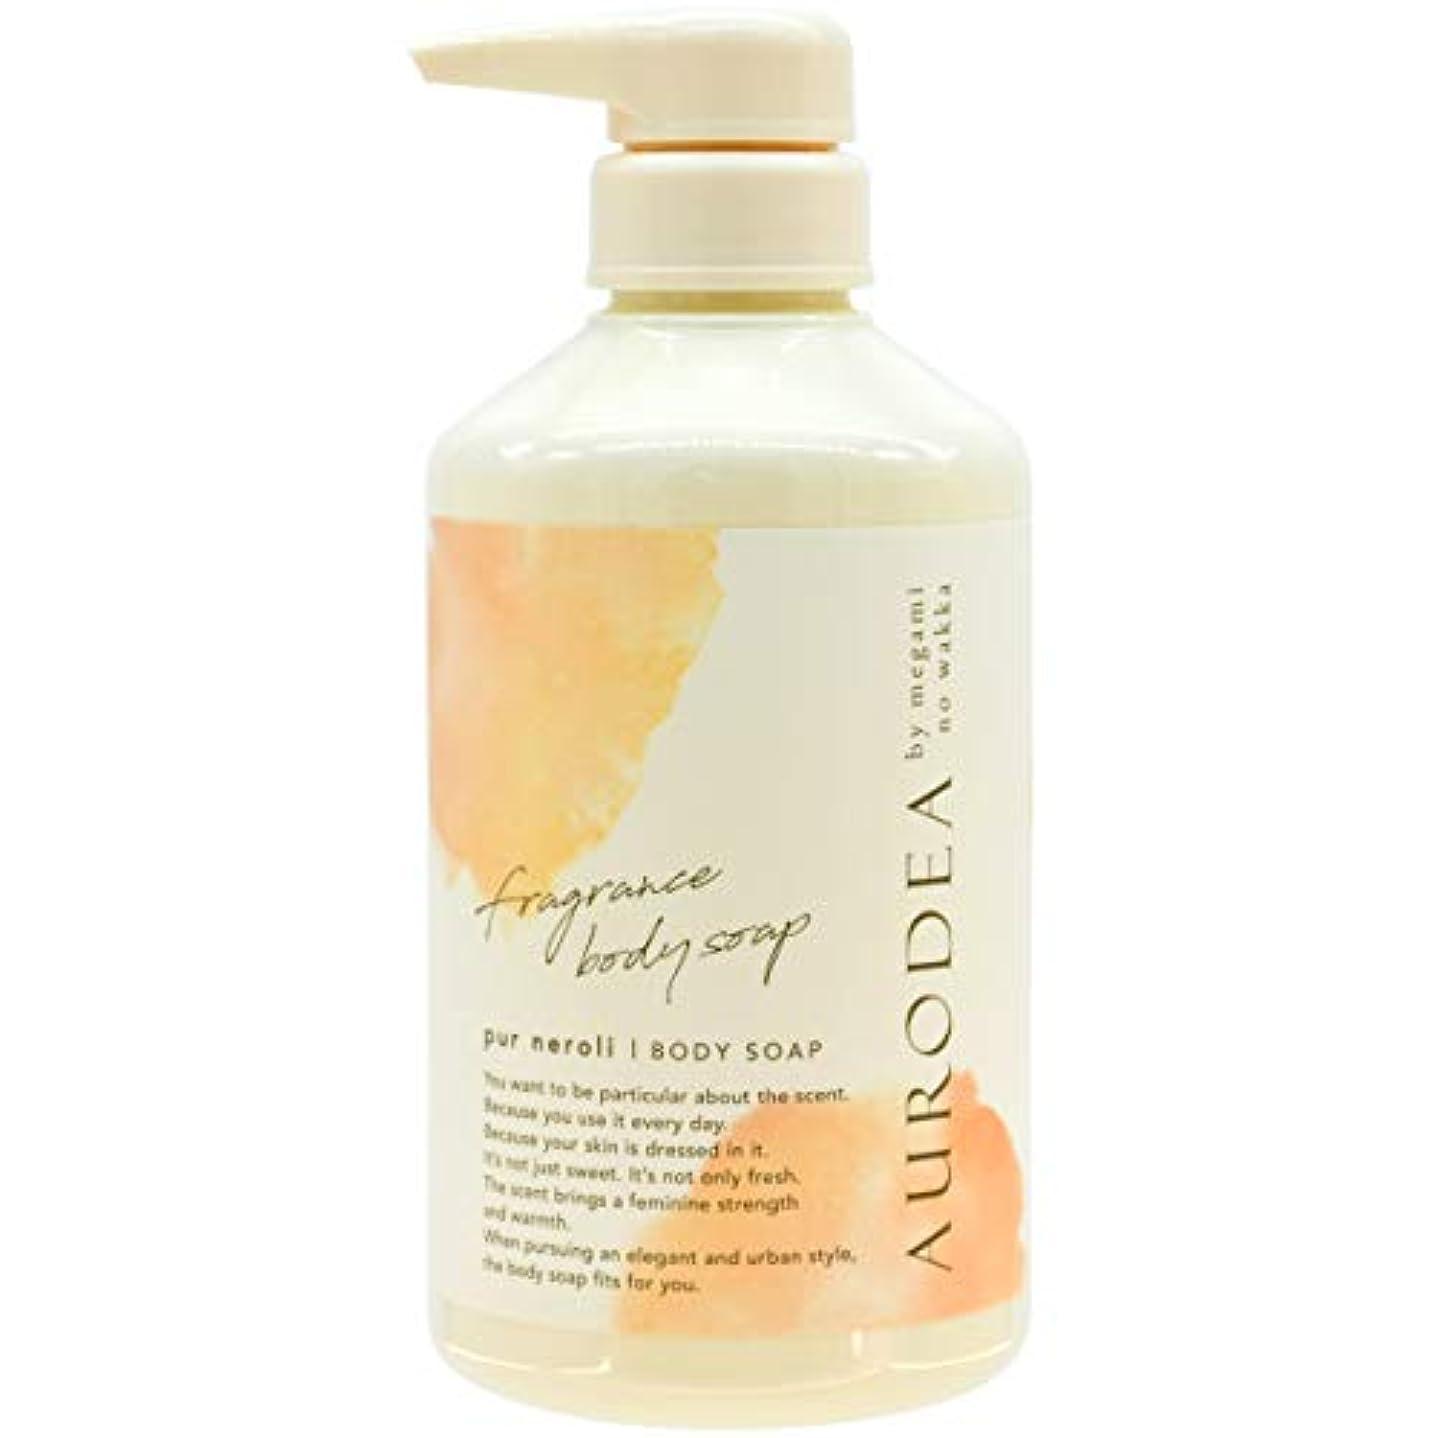 シプリーのれんベンチAURODEA (アウロディア) フレグランス ボディソープ ピュールネロリの香り [ 植物由来 敏感肌 ] 480ml せっけんベース 4種の ビタミン by megami no wakka